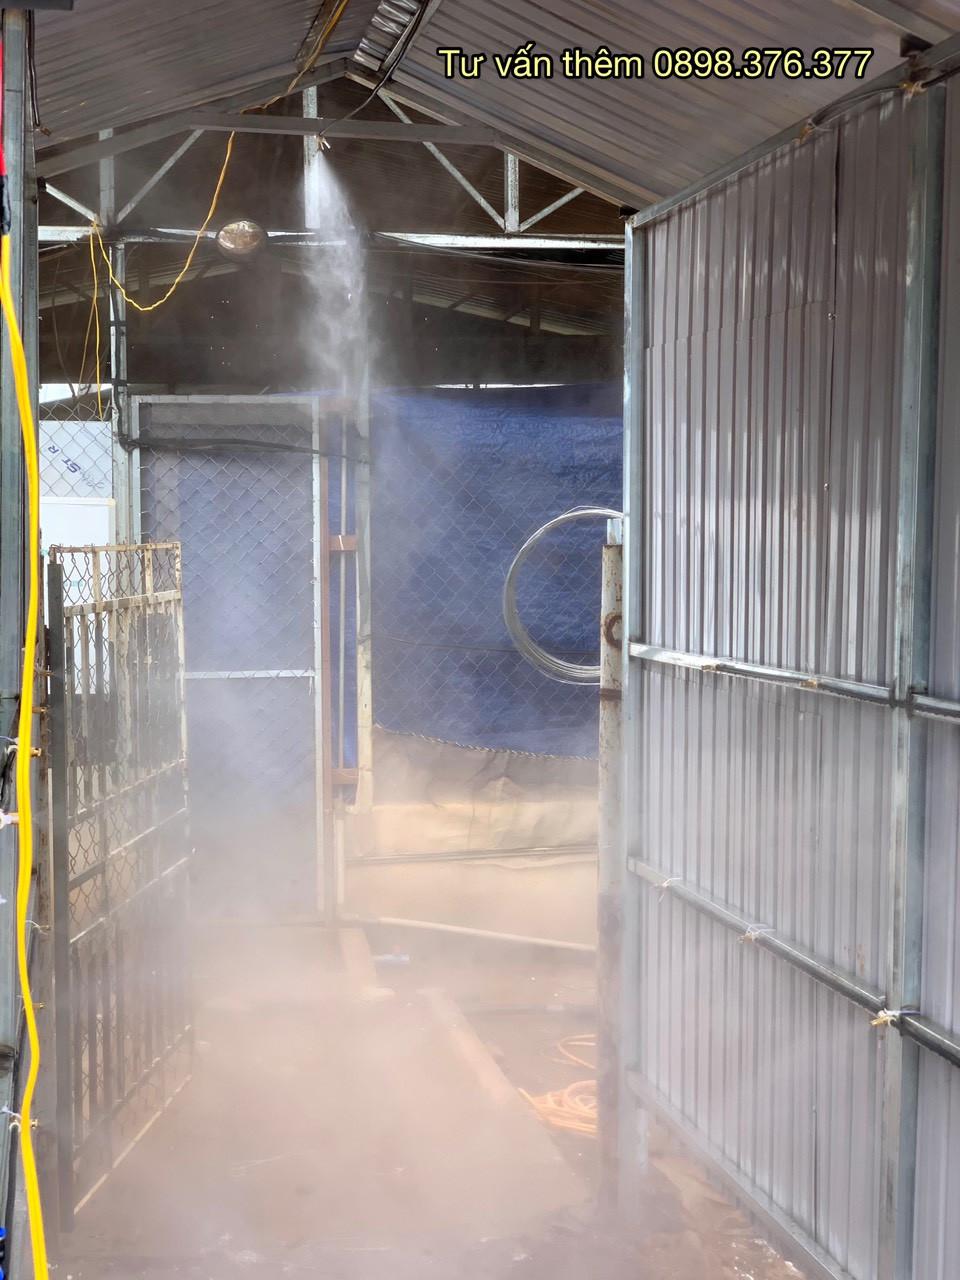 béc phun sương khử trùng sát khuẩn cho trang trại heo